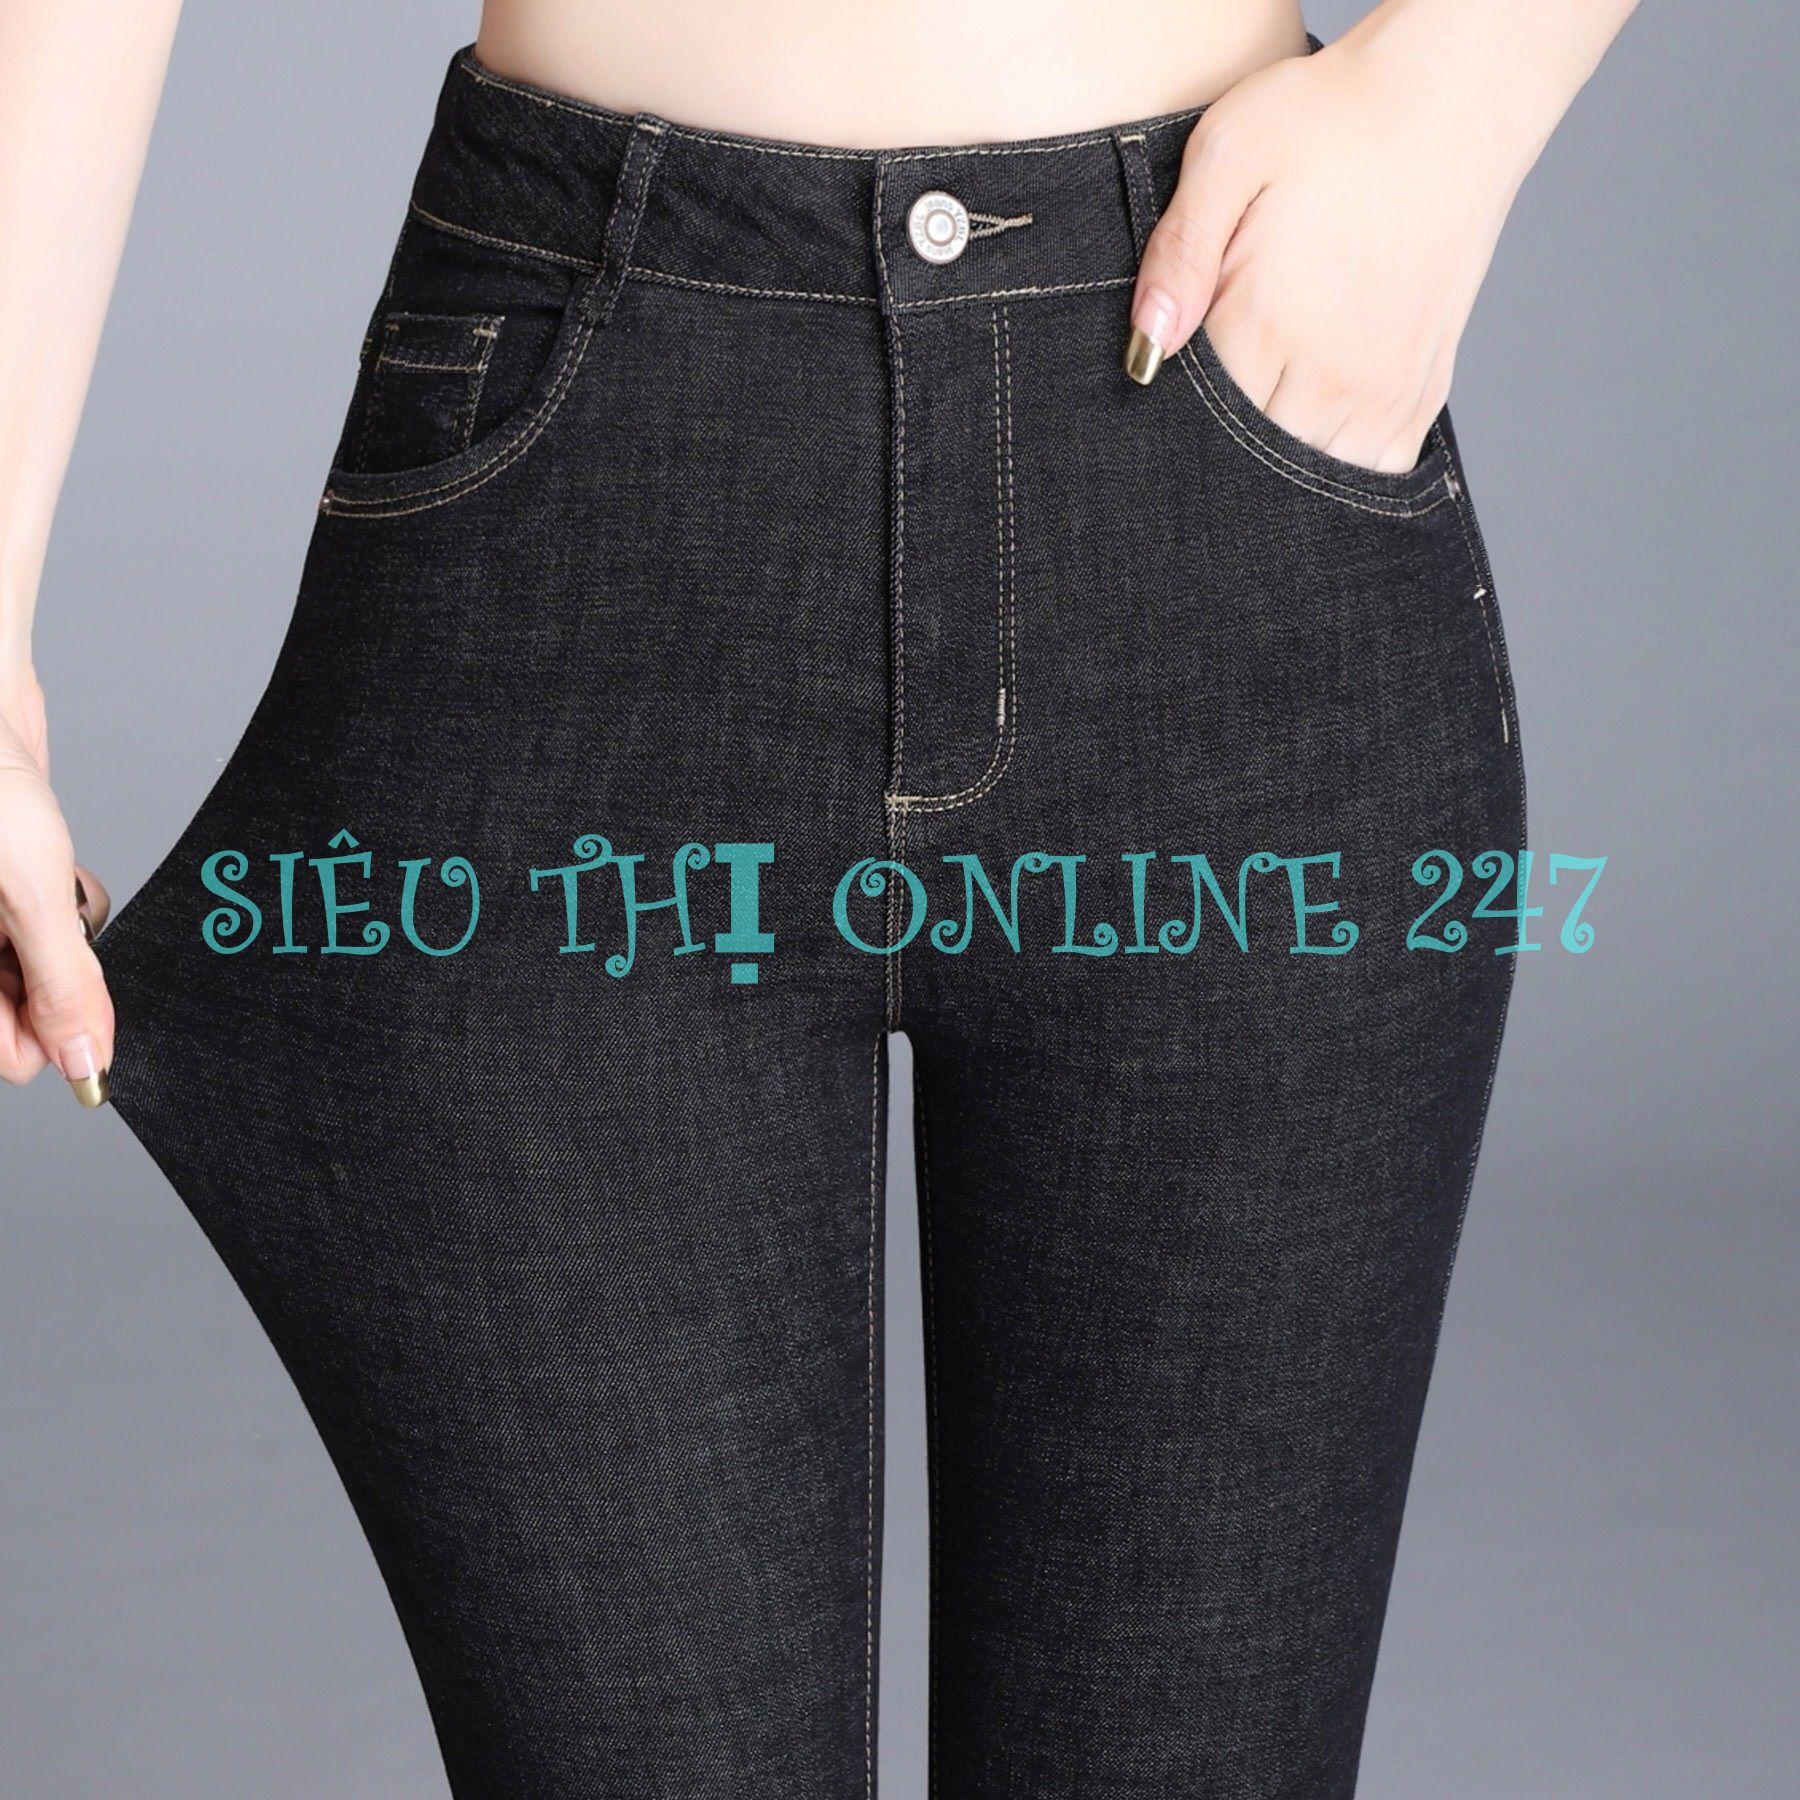 Quần Jean Nữ Thời Trang ST ĐEN BỐ (3) (Có Size Đại) - Hoặc Áo Thun Trắng